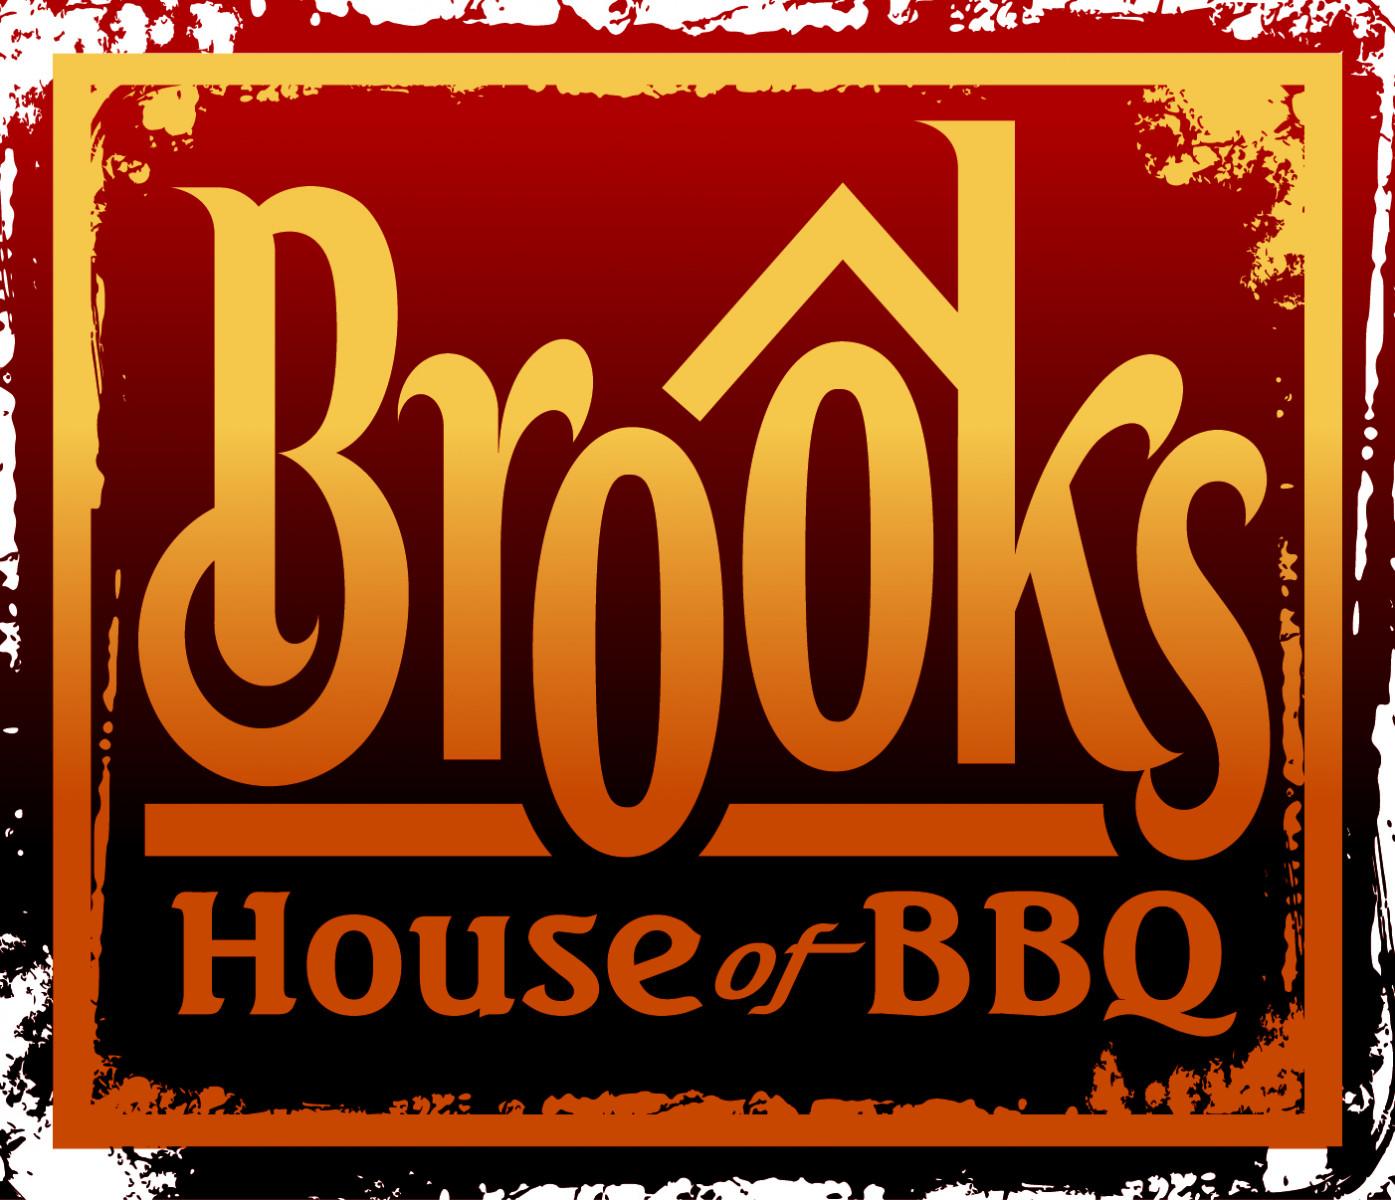 Brooks' House of Bar-B-Q